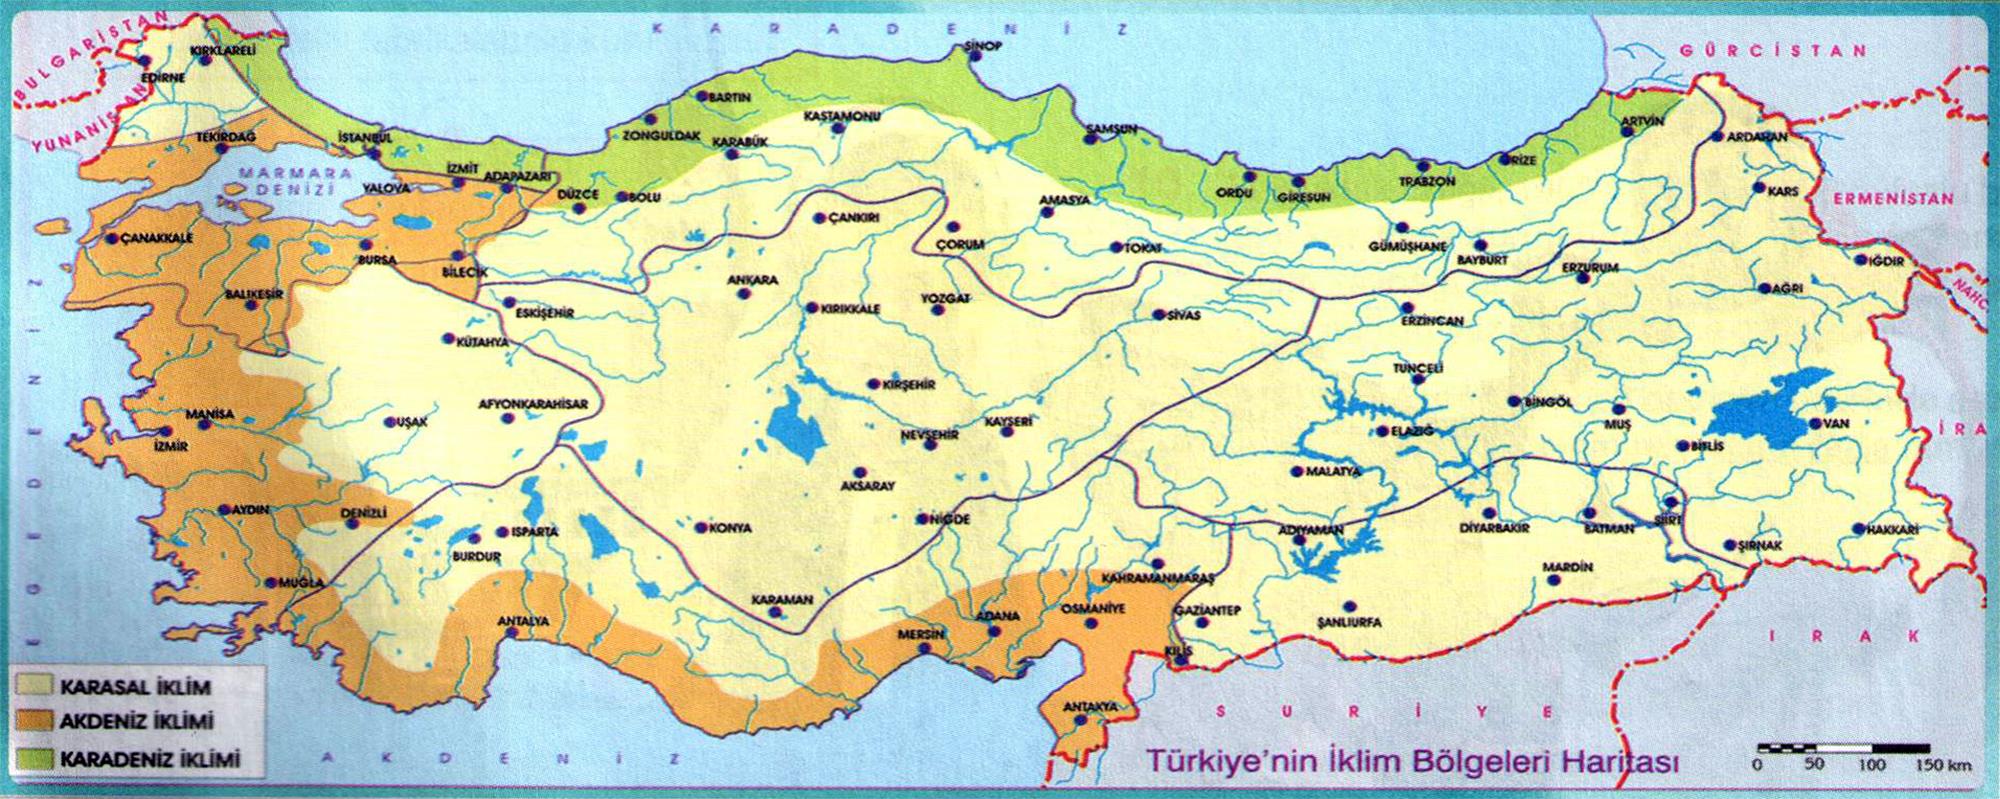 Türkiyenin iklim bölgeleri haritası